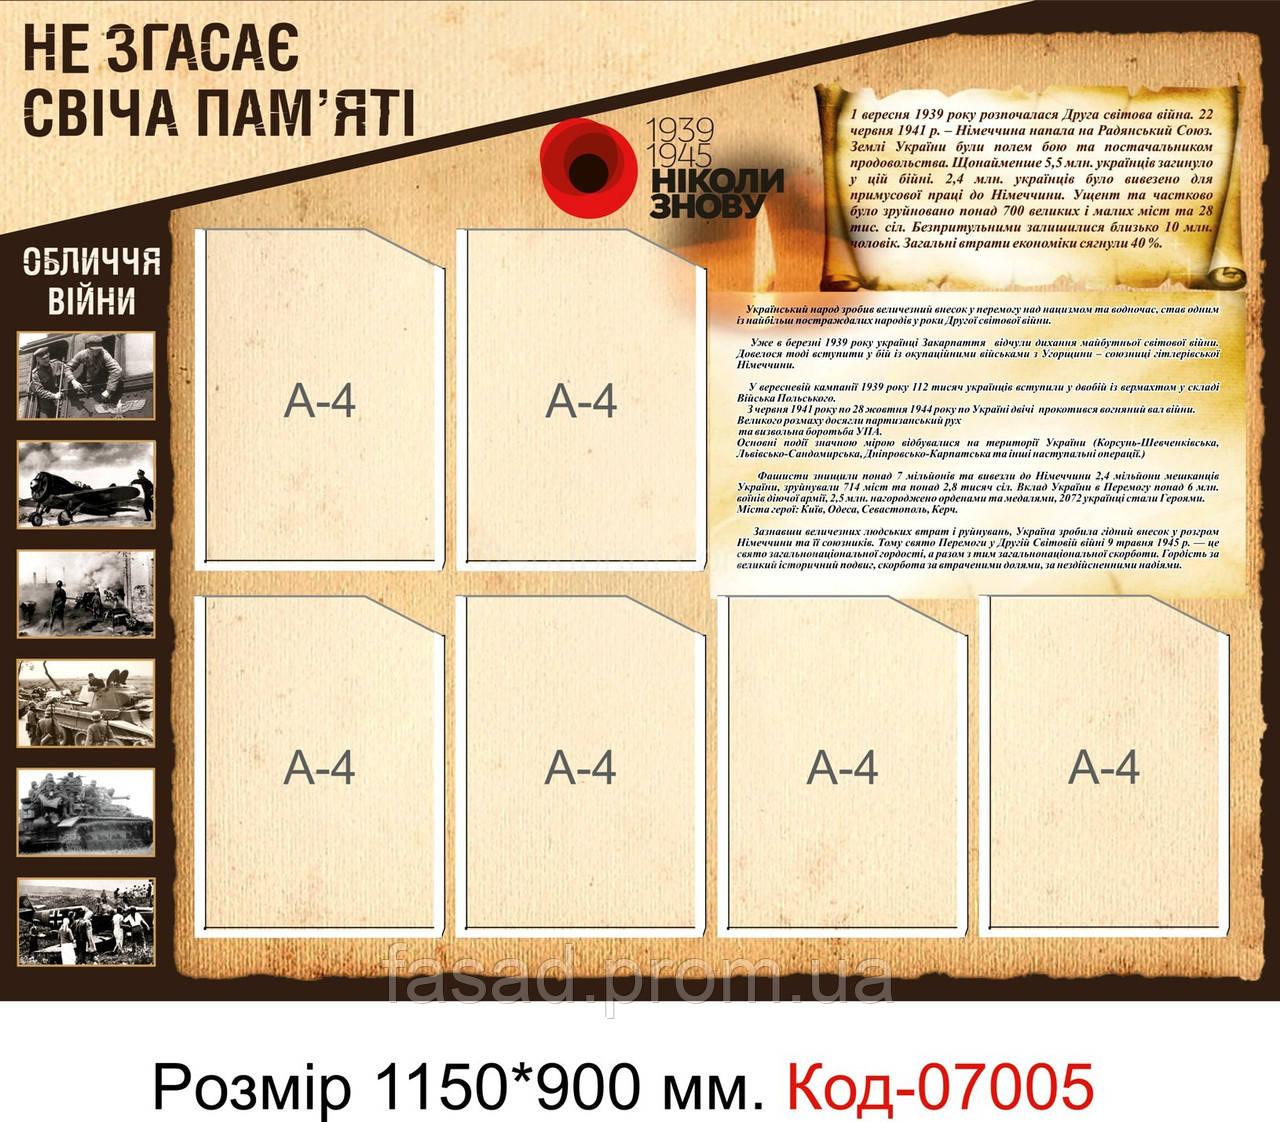 Пластиковий стенд по історії Код-07005